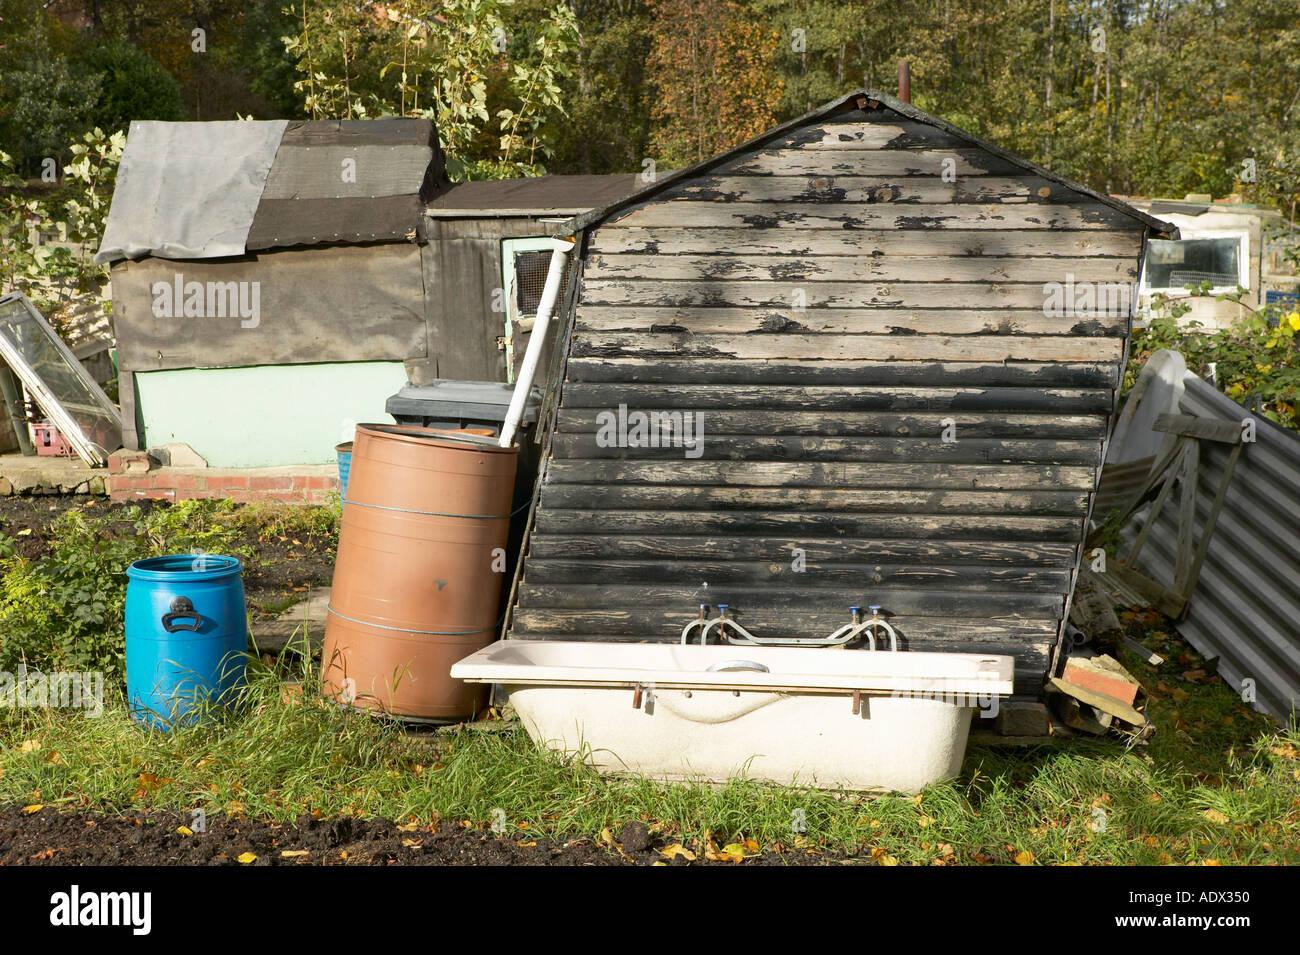 Erstaunlich Badewanne Im Garten Dekoration Von StÜtzte Sich Schuppen Und Alte Auf Garten-zuteilung